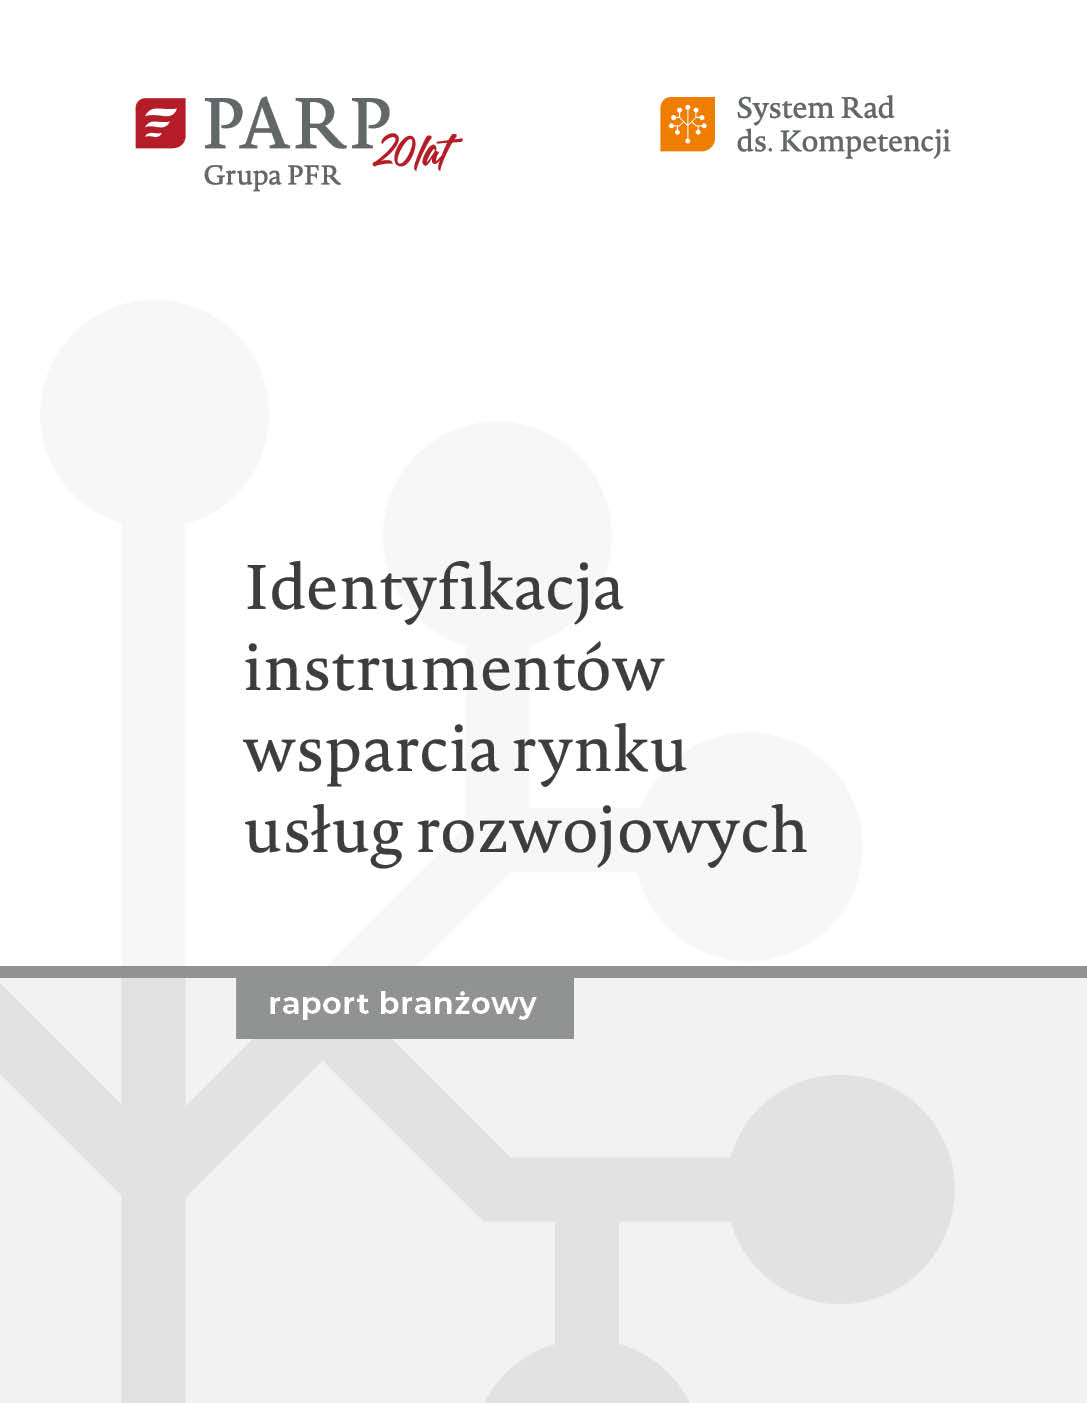 Identyfikacja instrumentów wsparcia rynku usług rozwojowych